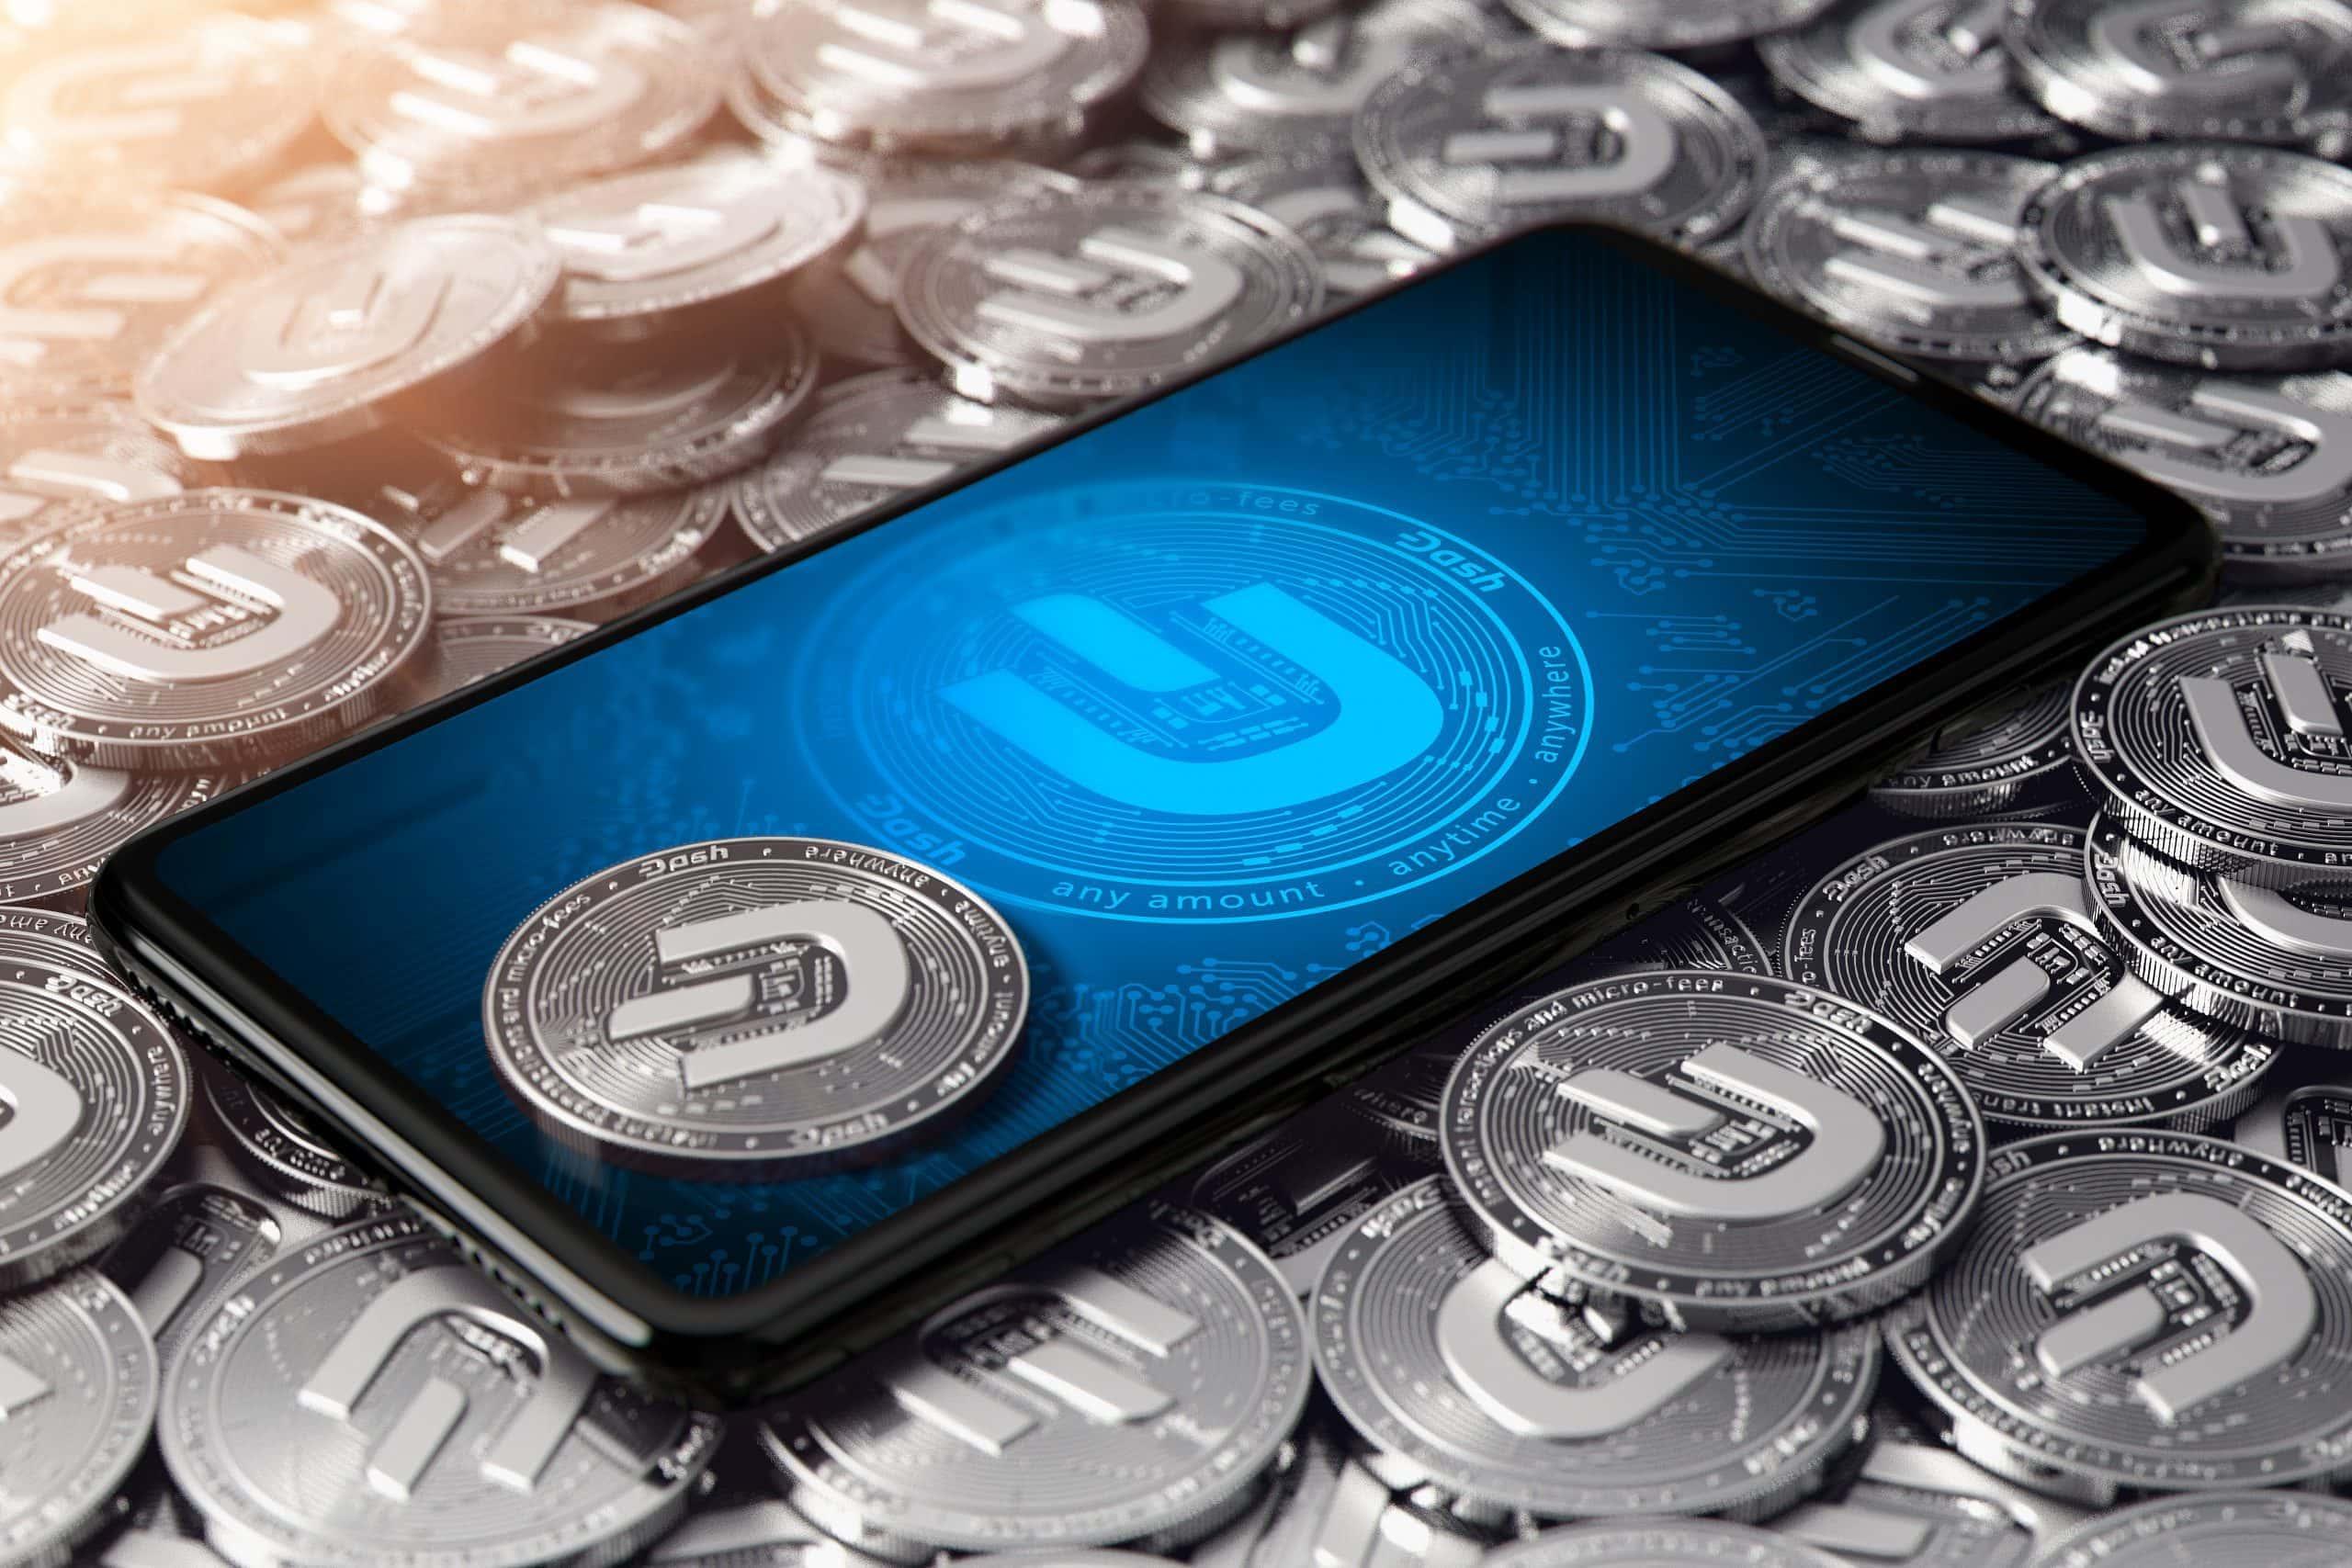 Smartphone mit Dash Coins